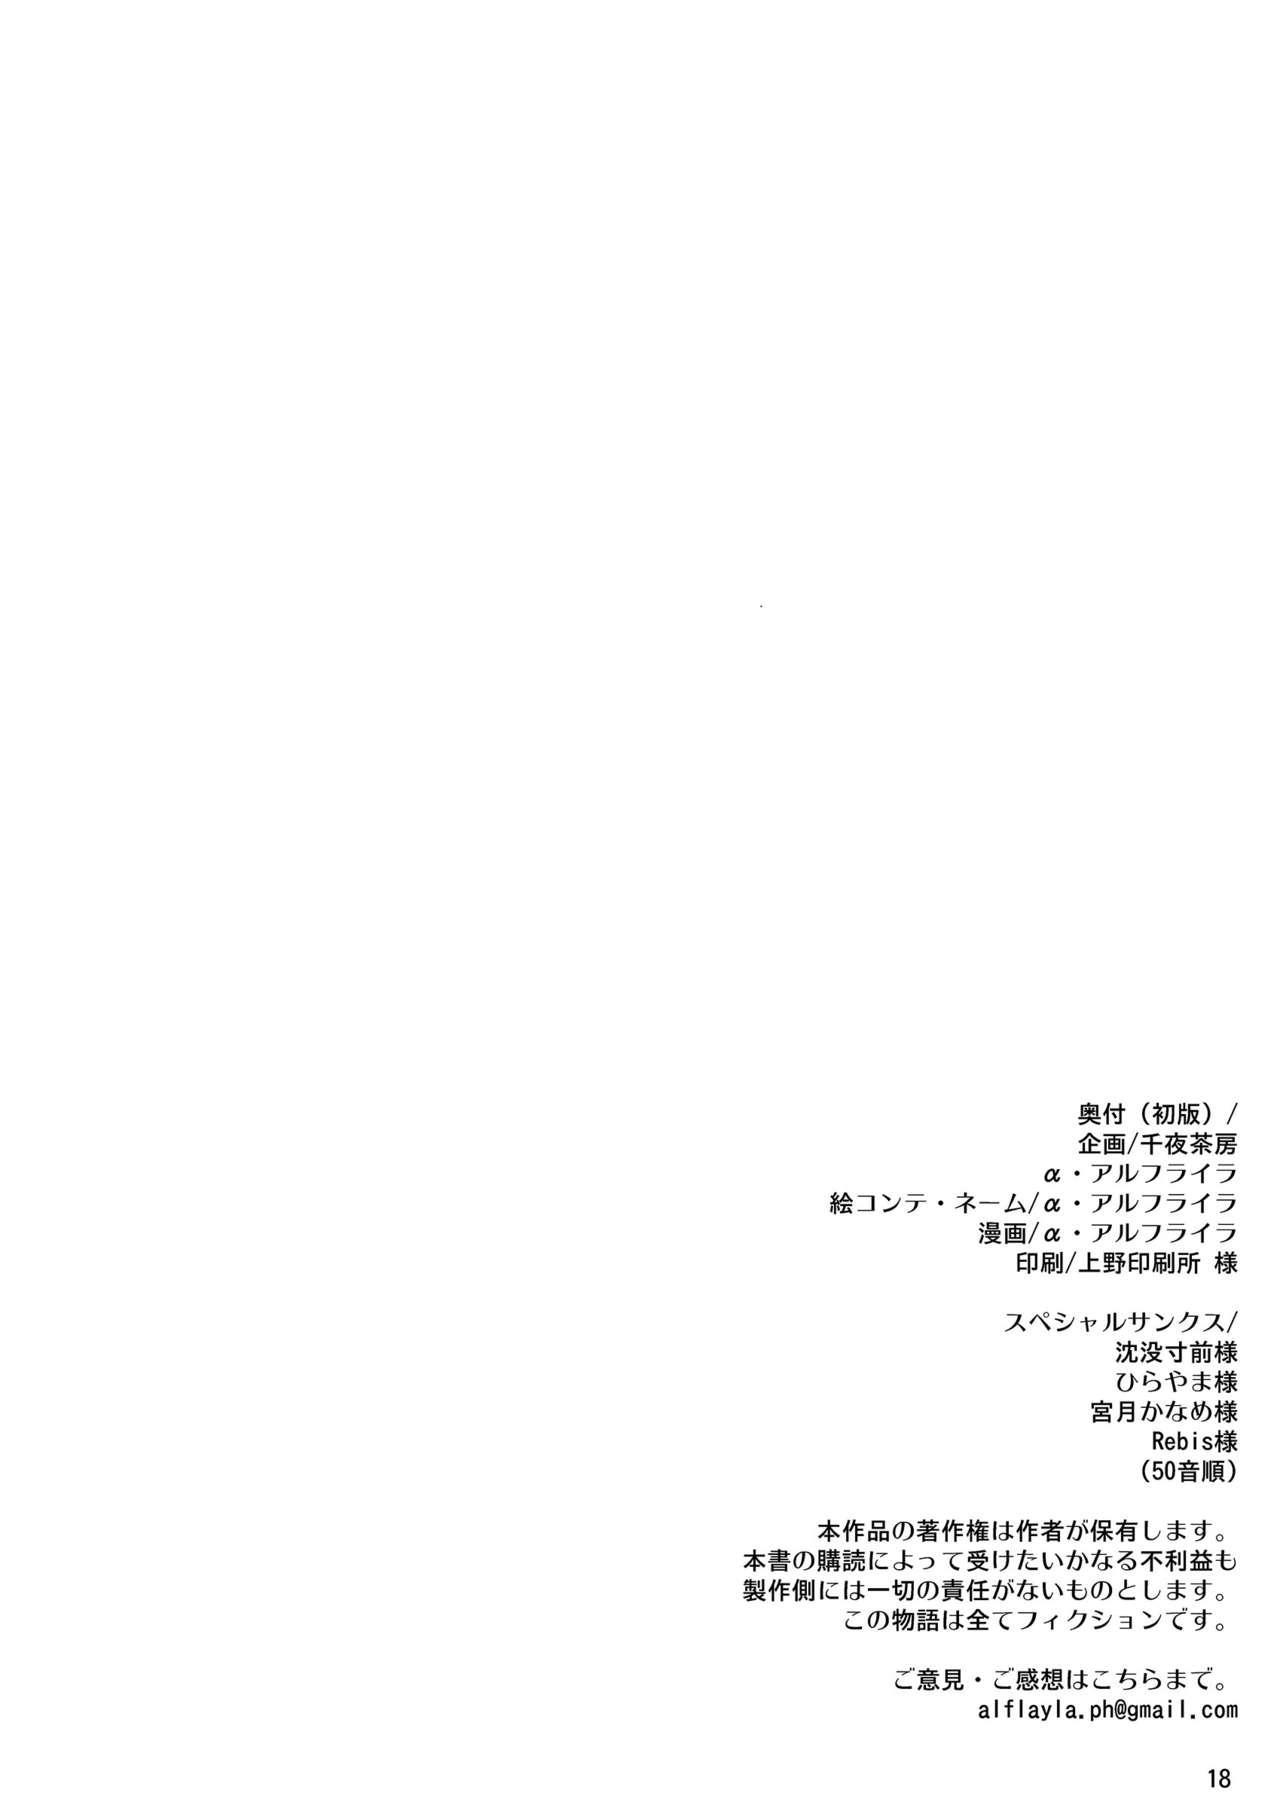 Shireikan Futanari Ikazuchi-sama ni Okasareteminai? 17